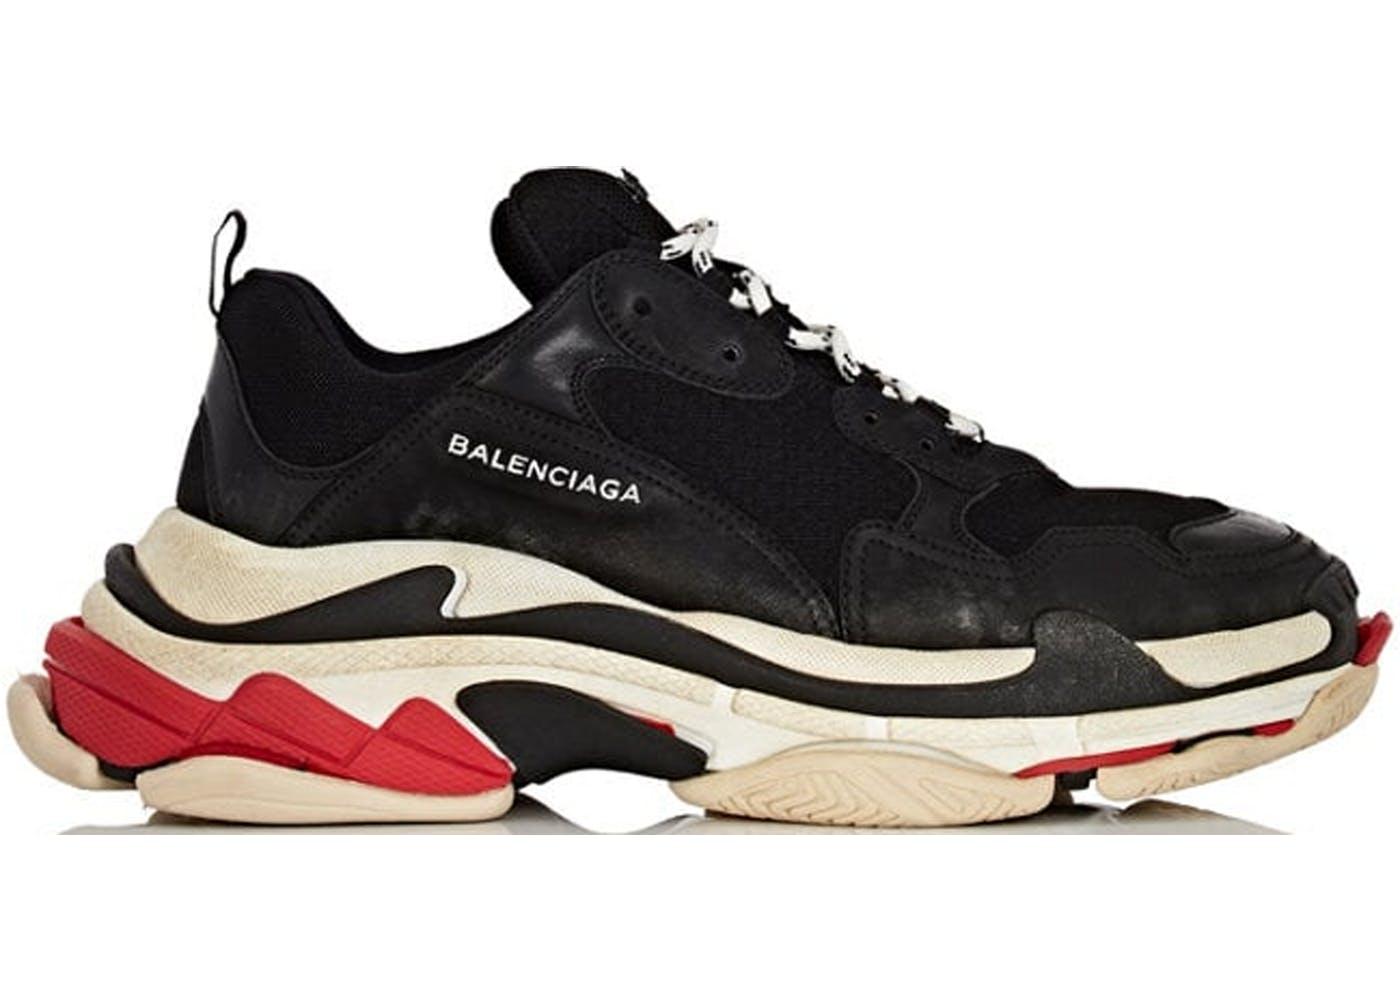 Balenciaga Triple S Black White Red(バレンシアガトリプルソールブラックホワイトレッド) ブラック/ホワイト-レッド